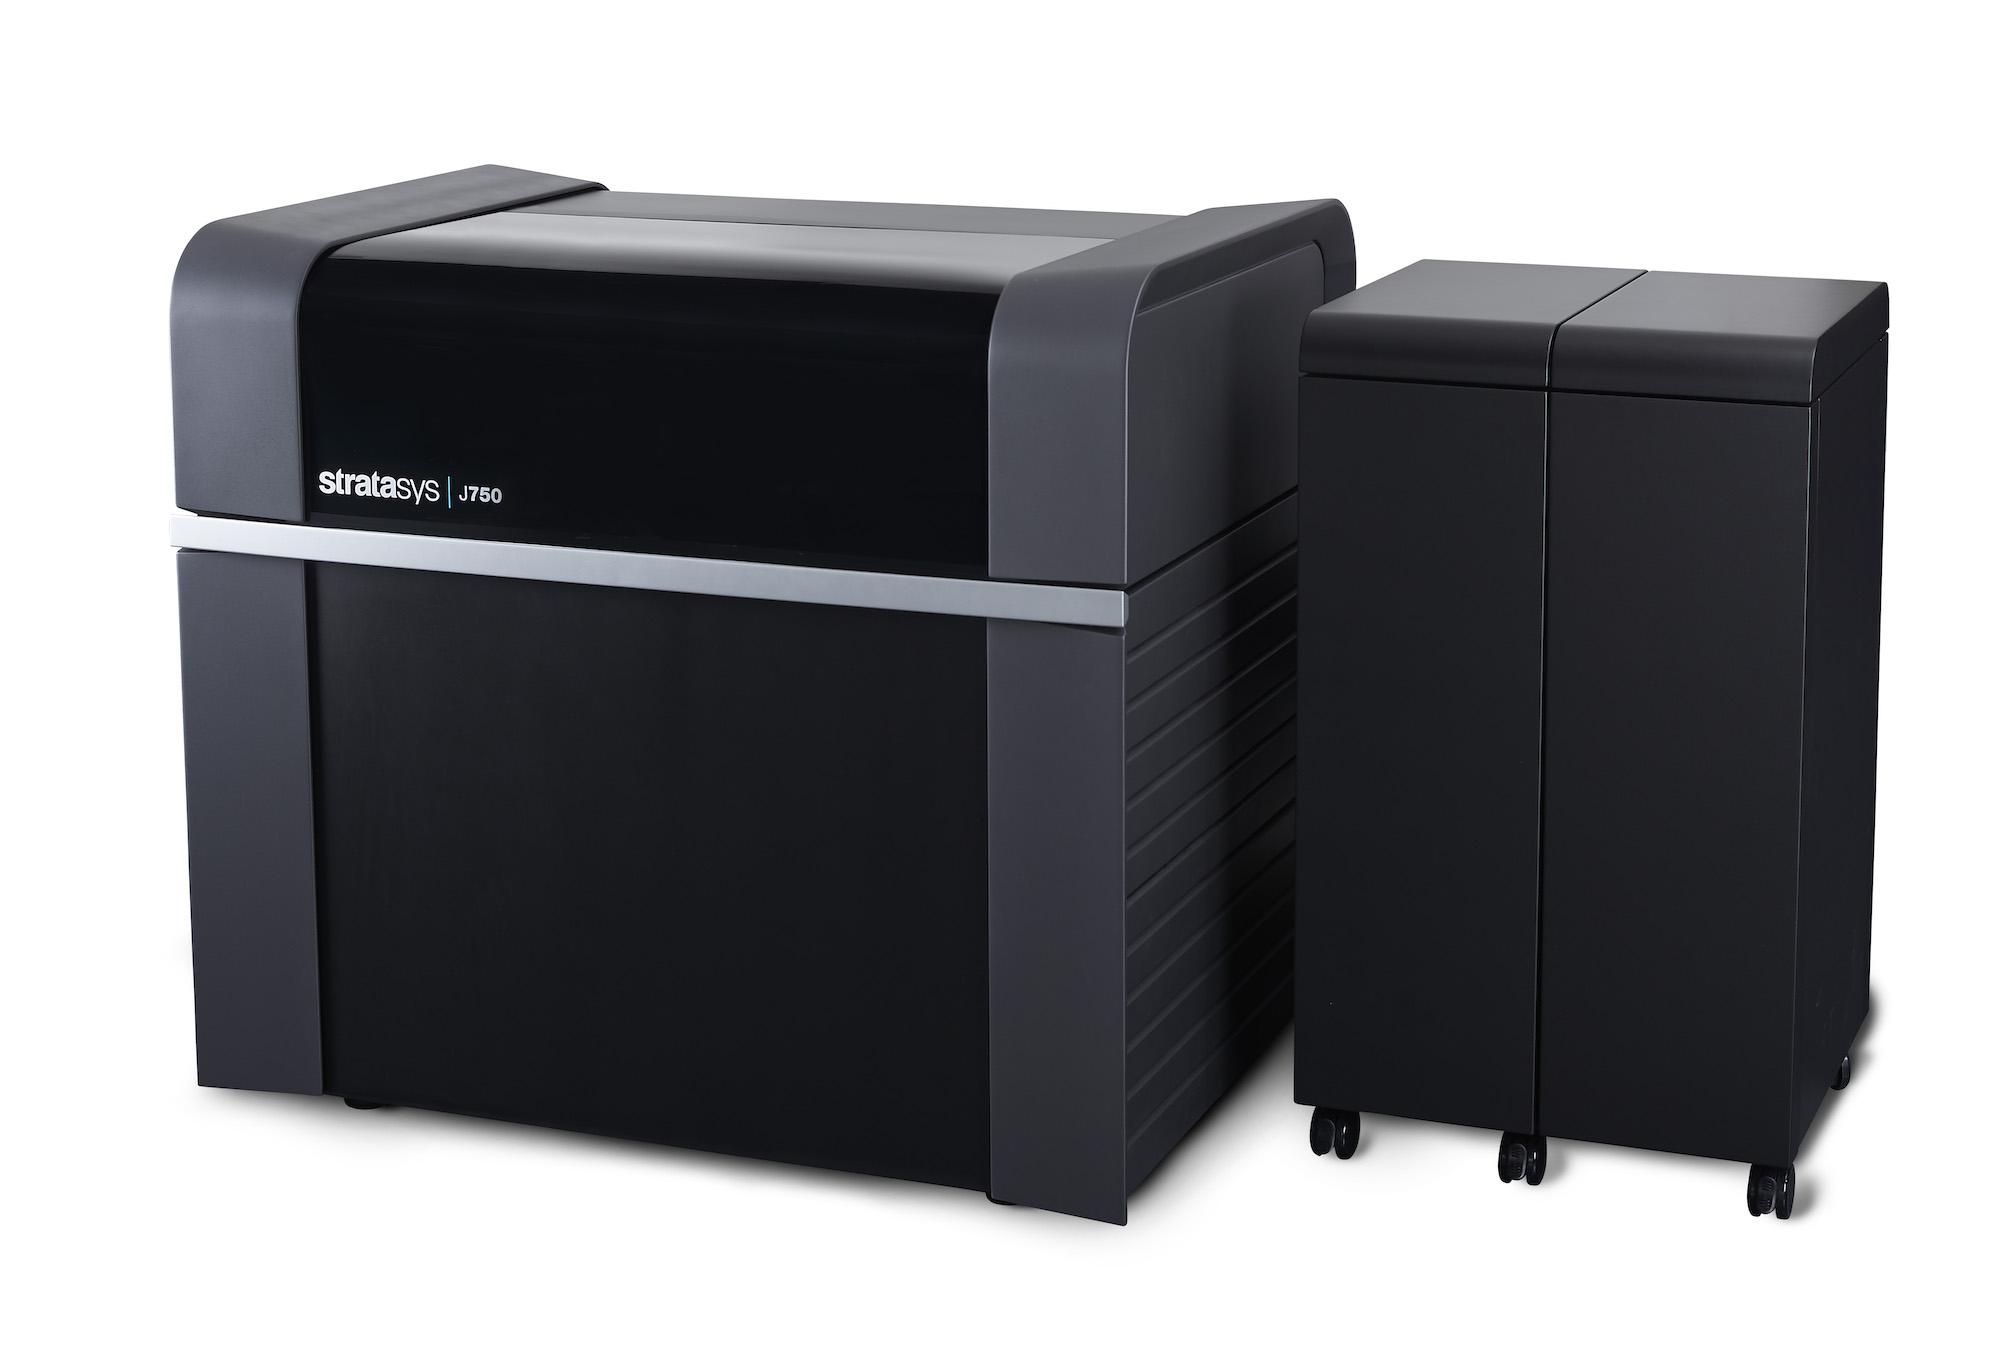 Der neue Stratasys J750 ist der weltweit einzige 3D-Drucker, der farbechte Multimaterial-Produkte erstellt. Er bietet eine auf dem Markt einzigartige Vielseitigkeit, wenn es um Advanced Prototyping, Werkzeugbau, Spritzguss und Produktionsteile geht – und das in nur einem Druckvorgang.